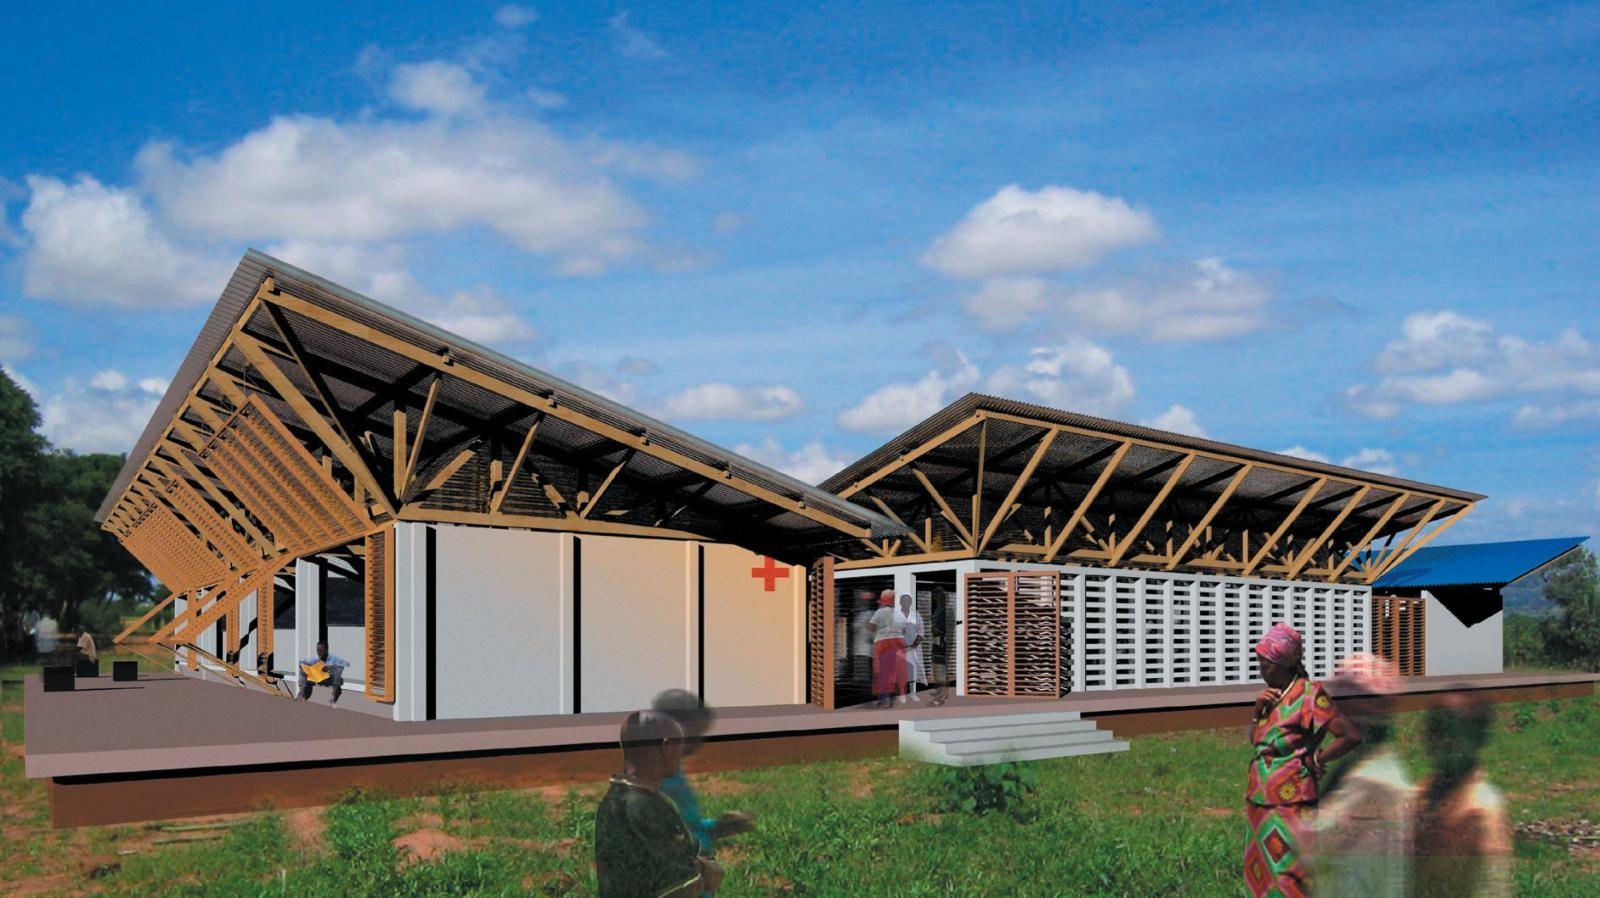 Centro Rural de Excelencia permitirá aumentar la esperanza de vida de los habitantes de Ipuli, Tanzania, © Tolila+Gilliland / Architecture For Humanity